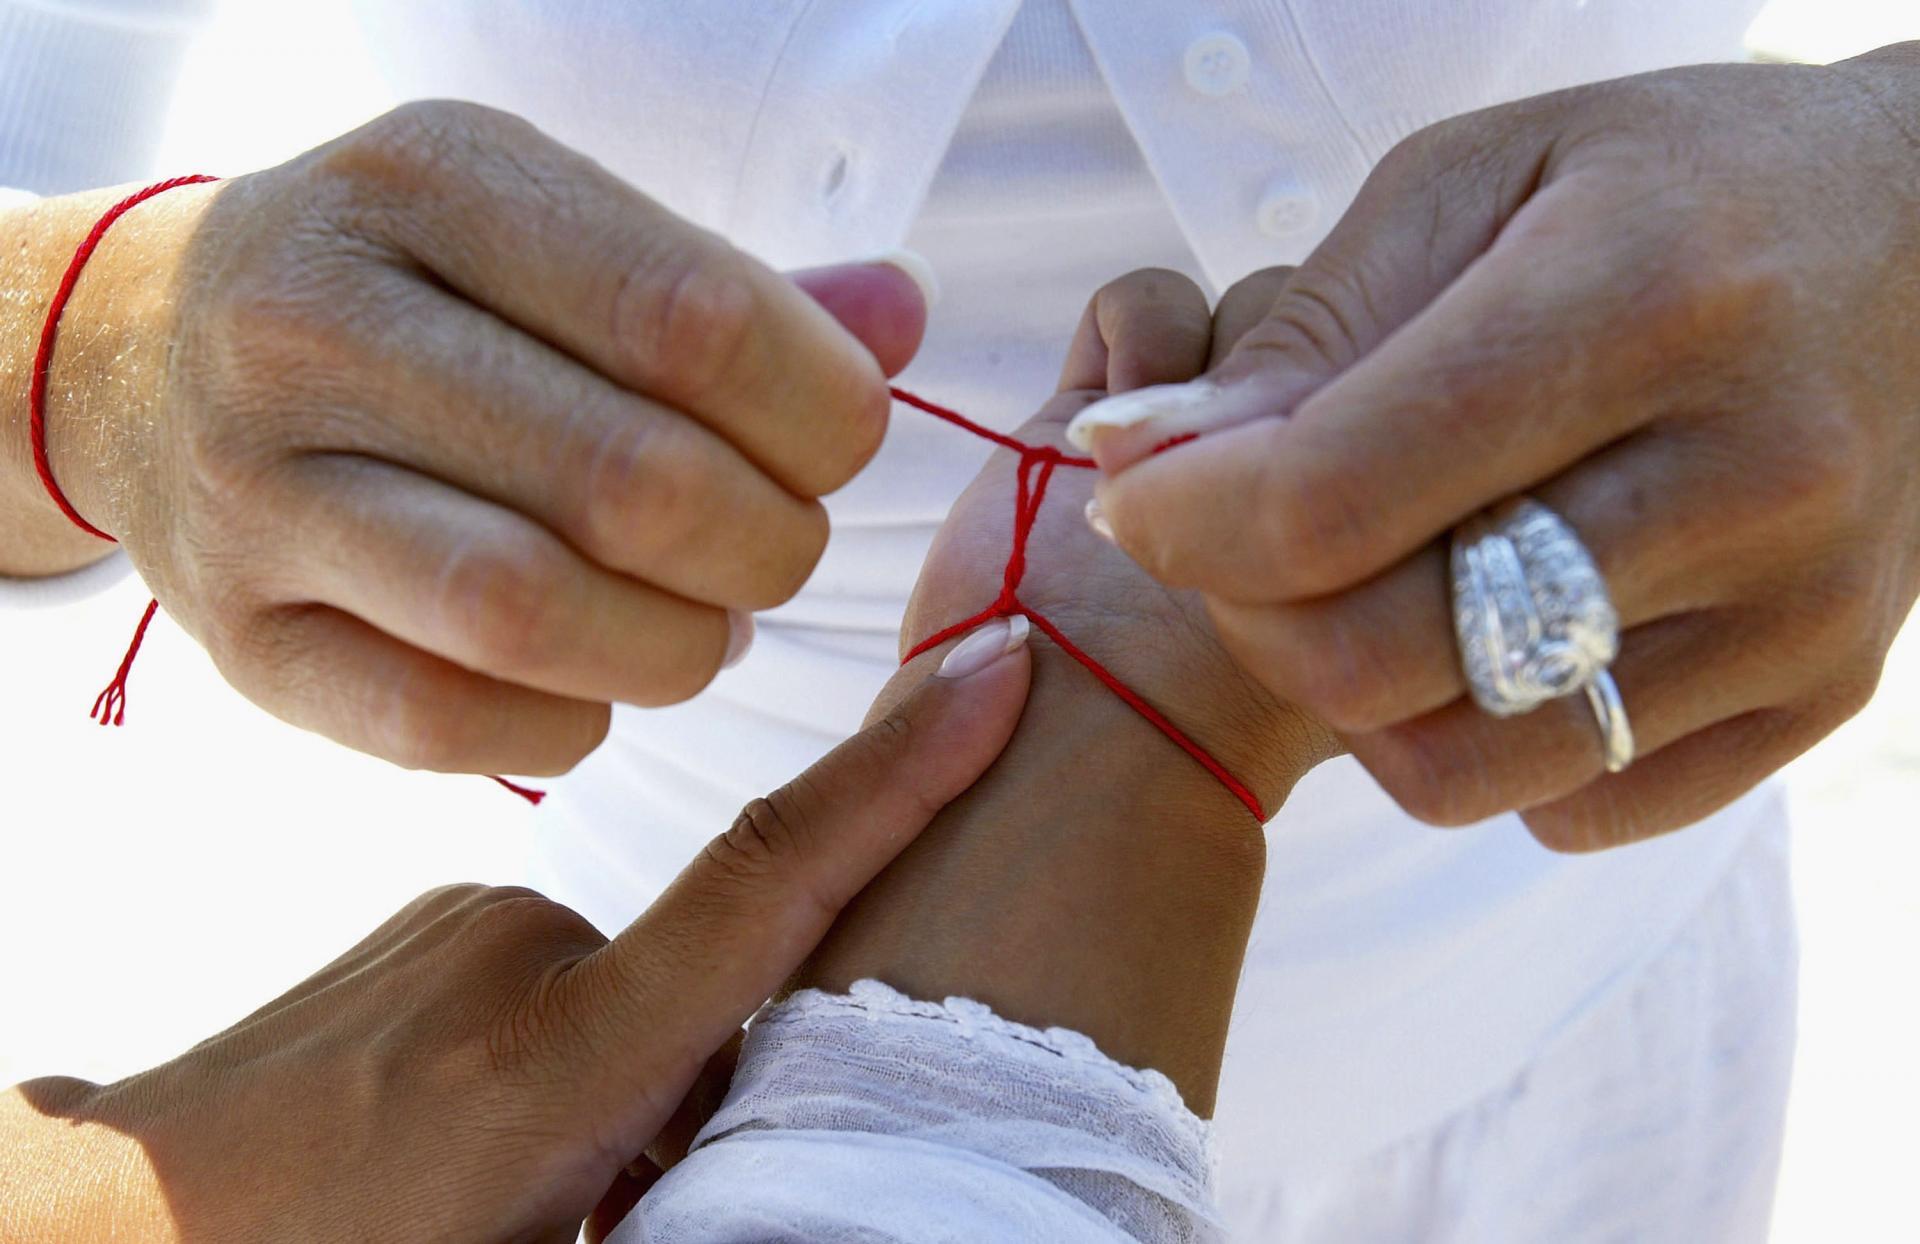 Експерти розповіли про магічні властивості червоної нитки на зап ясті 1b64fa2942393